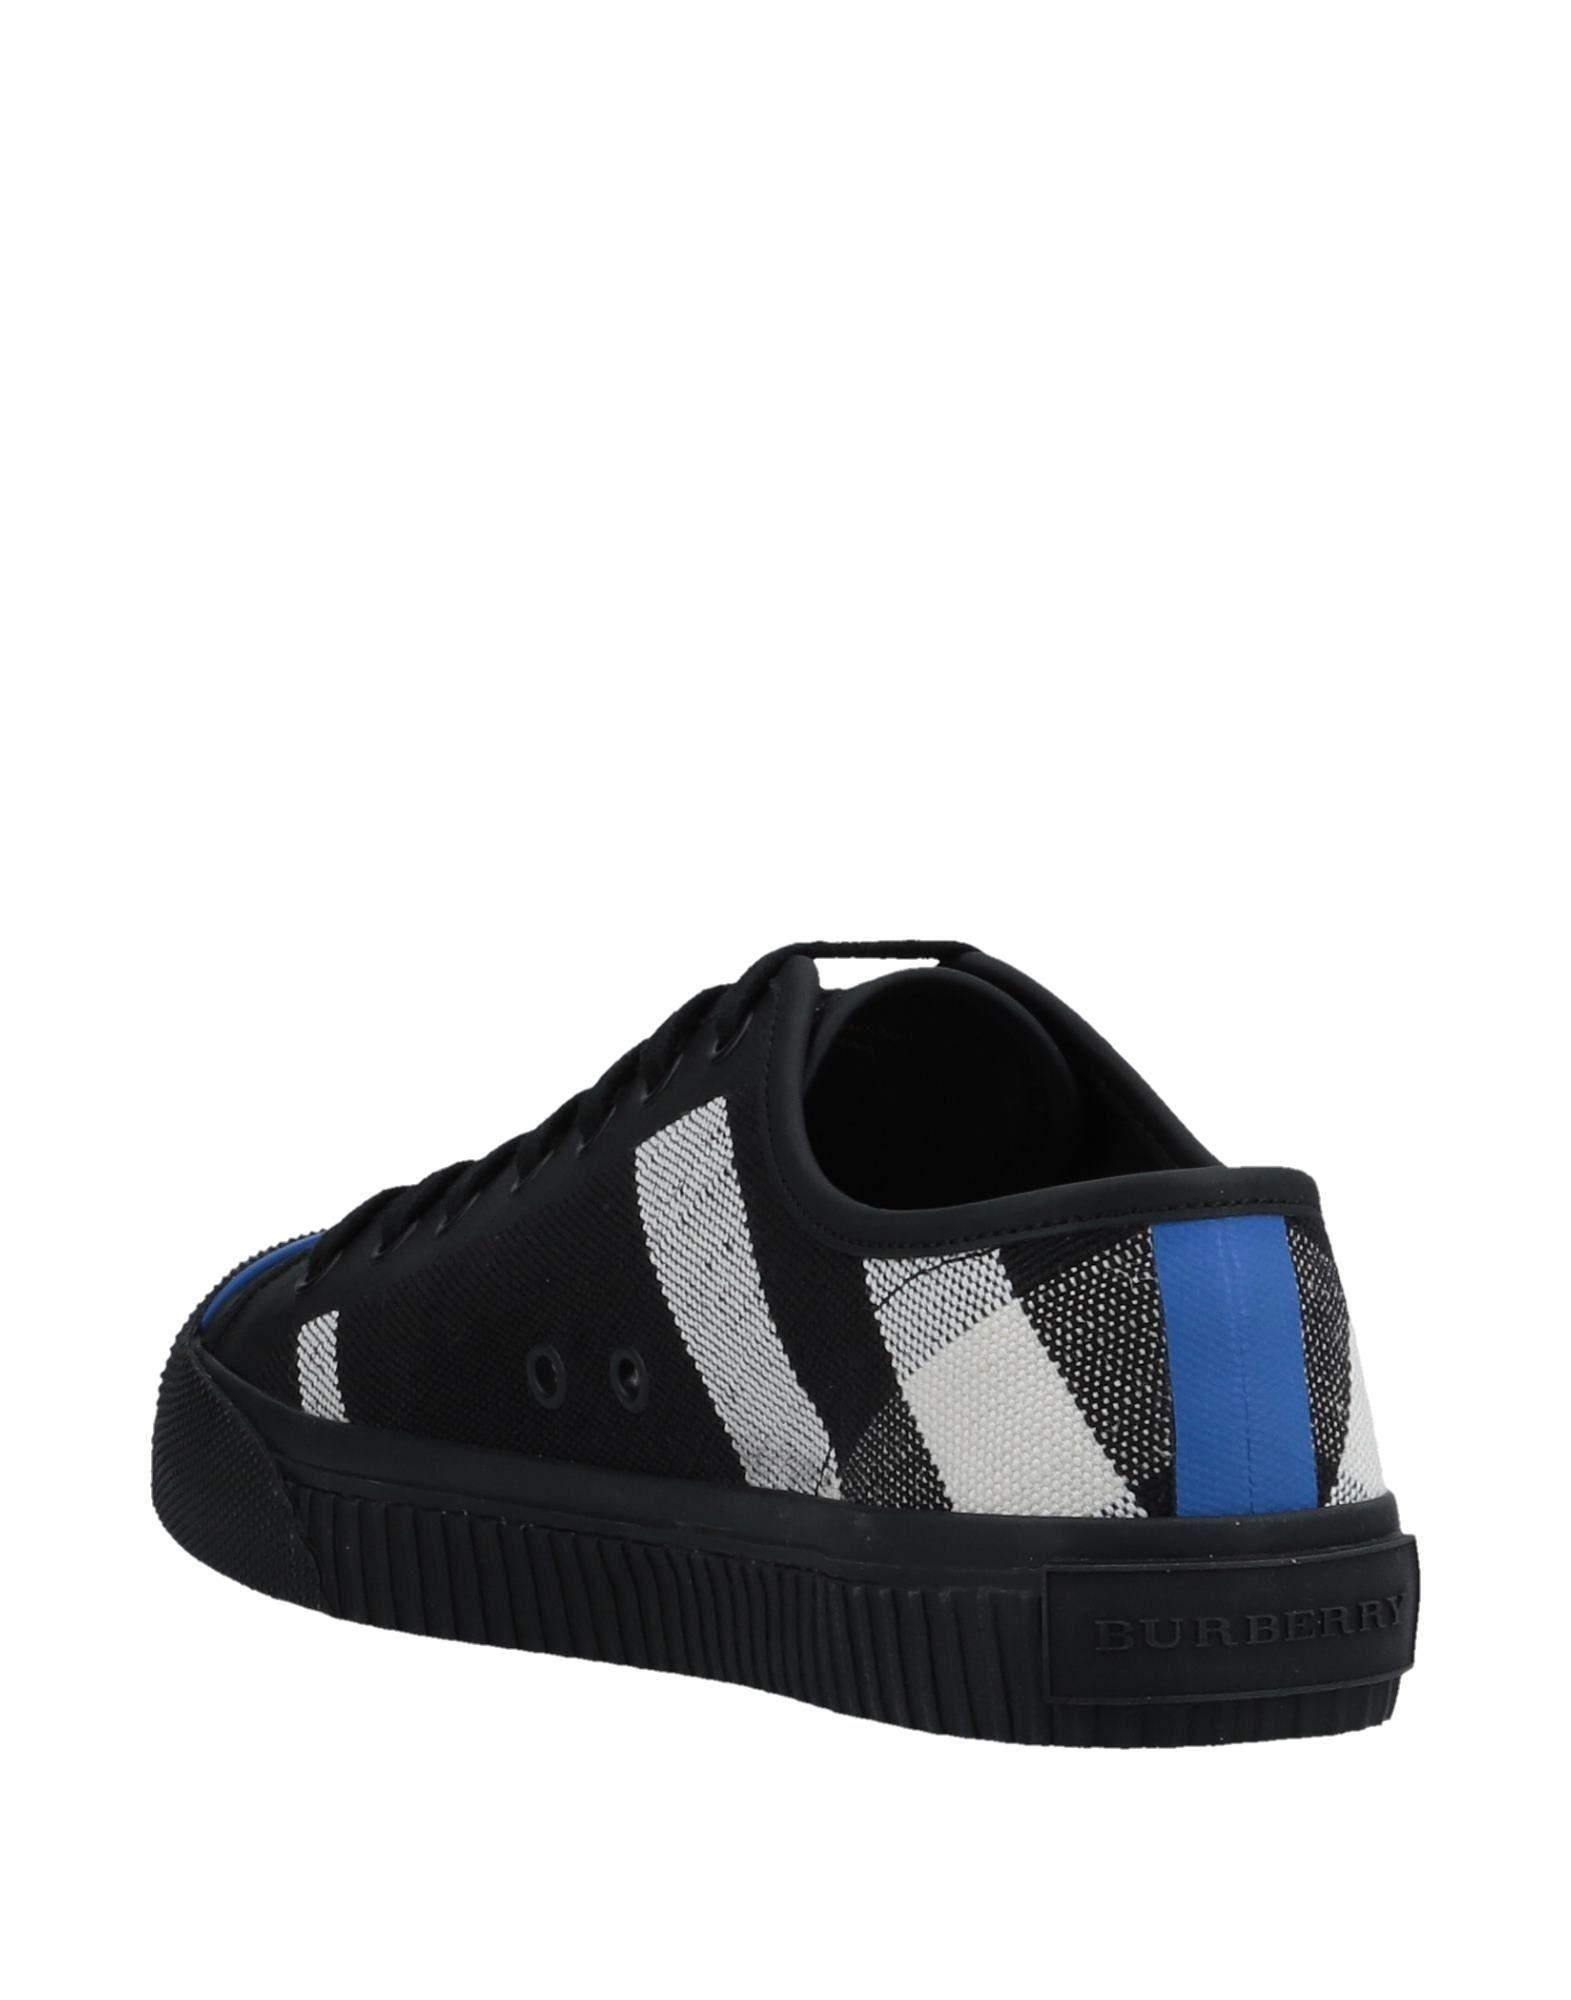 Burberry Sneakers online - Men Burberry Sneakers online Sneakers on  United Kingdom - 11510265KJ 4ac485